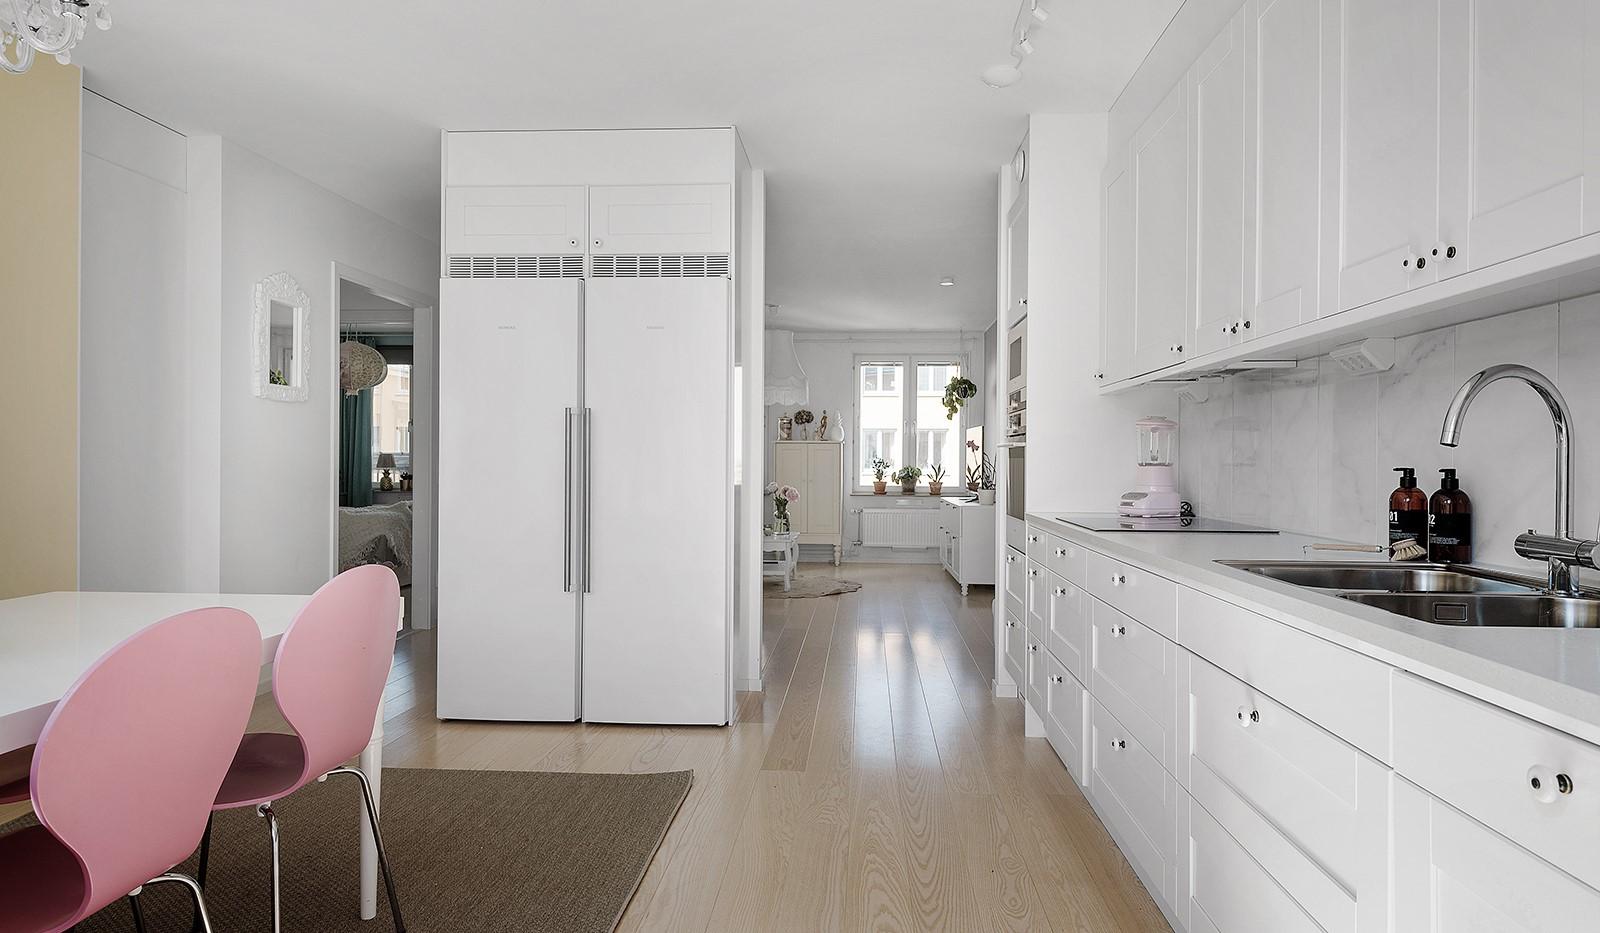 Ekfatsgatan 4, 6 tr - Fullt utrustat kök, mot vardagsrum